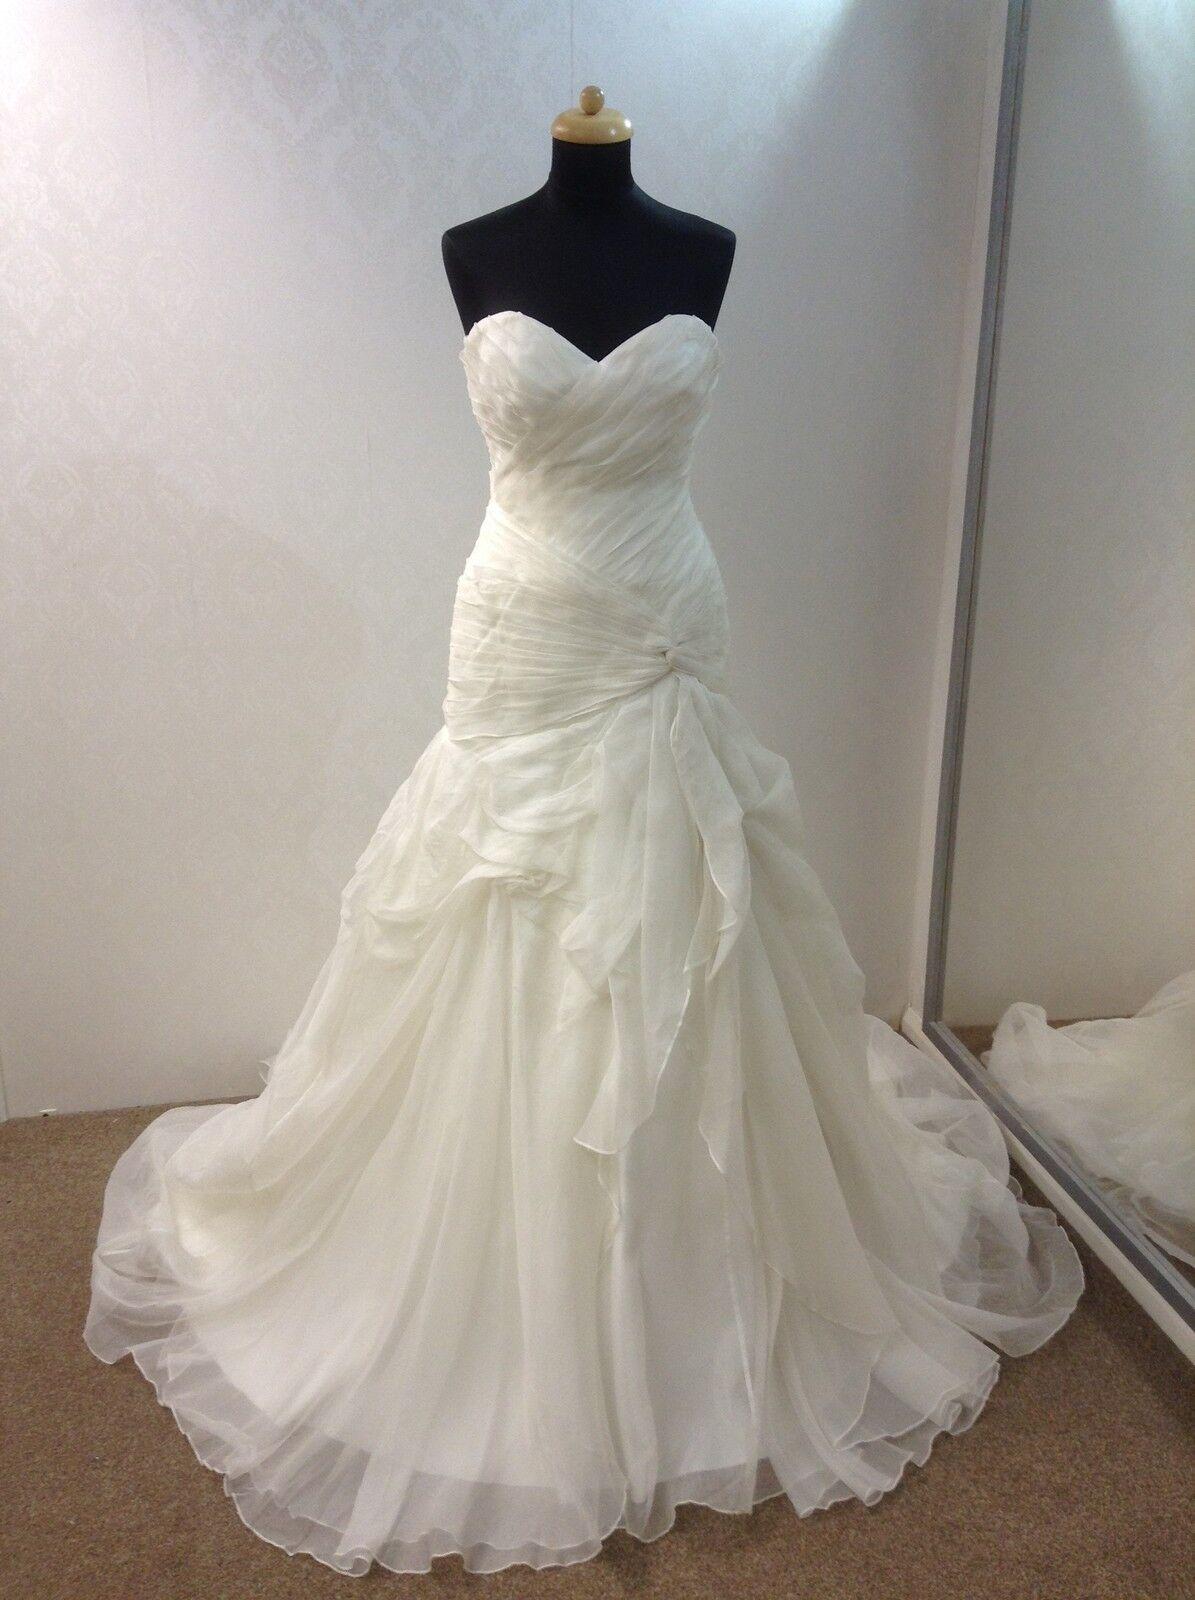 Mermaid Wedding Bridal Dress CHIC by HOLLYWOOD DREAMS CH013 - Ivory - Size 12